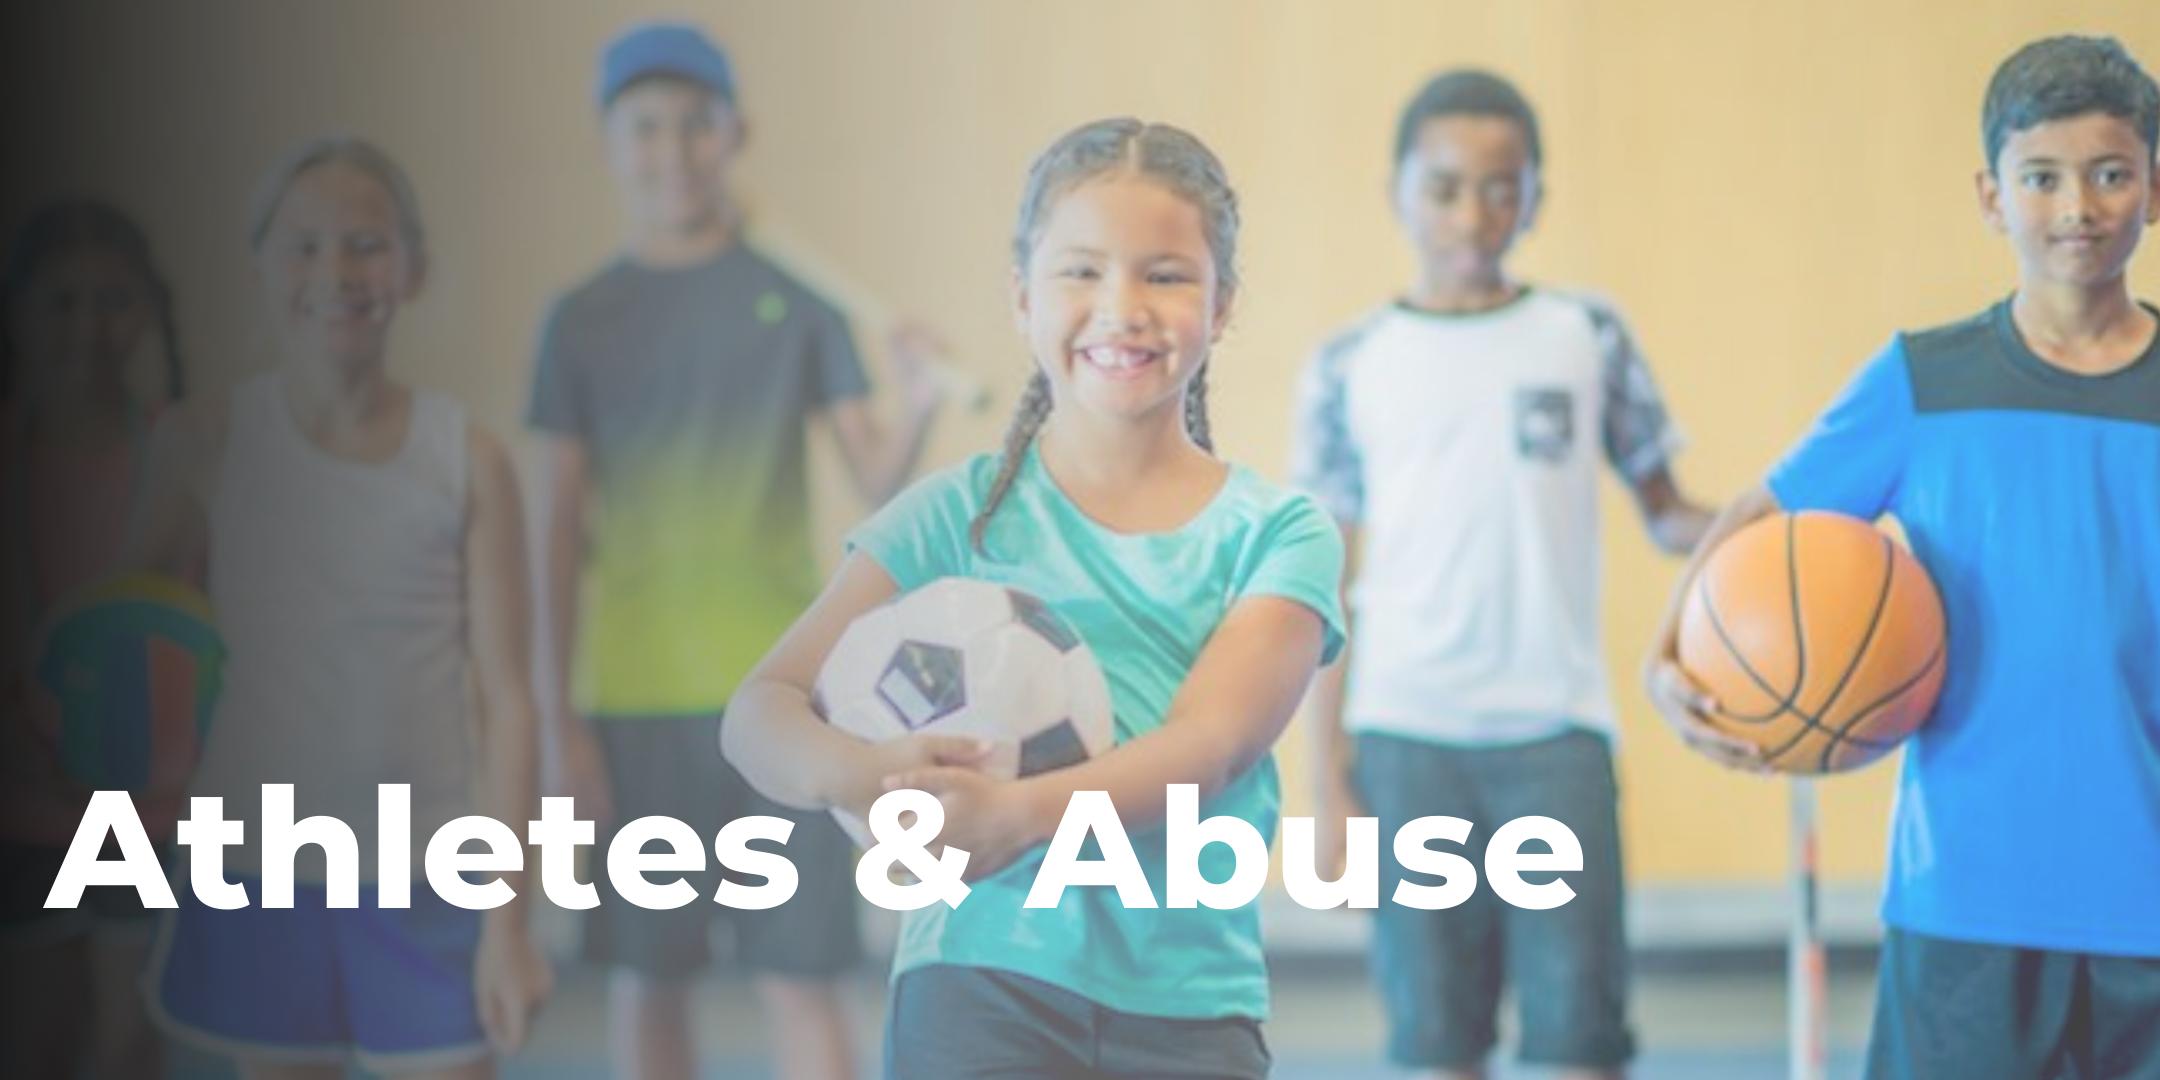 Athletes & Abuse Training